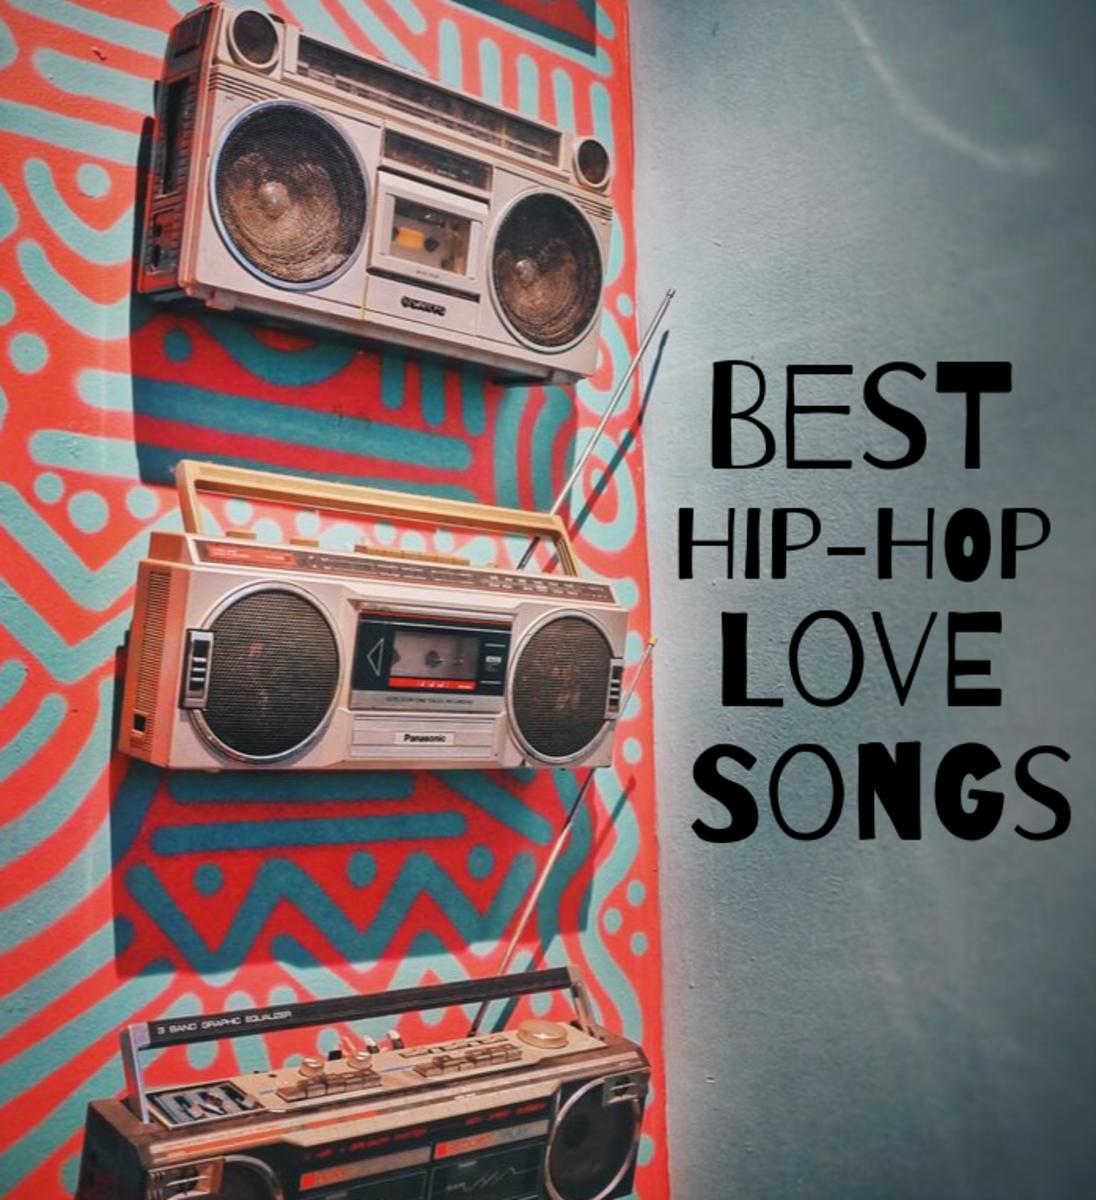 100 Best Hip-Hop Love Songs